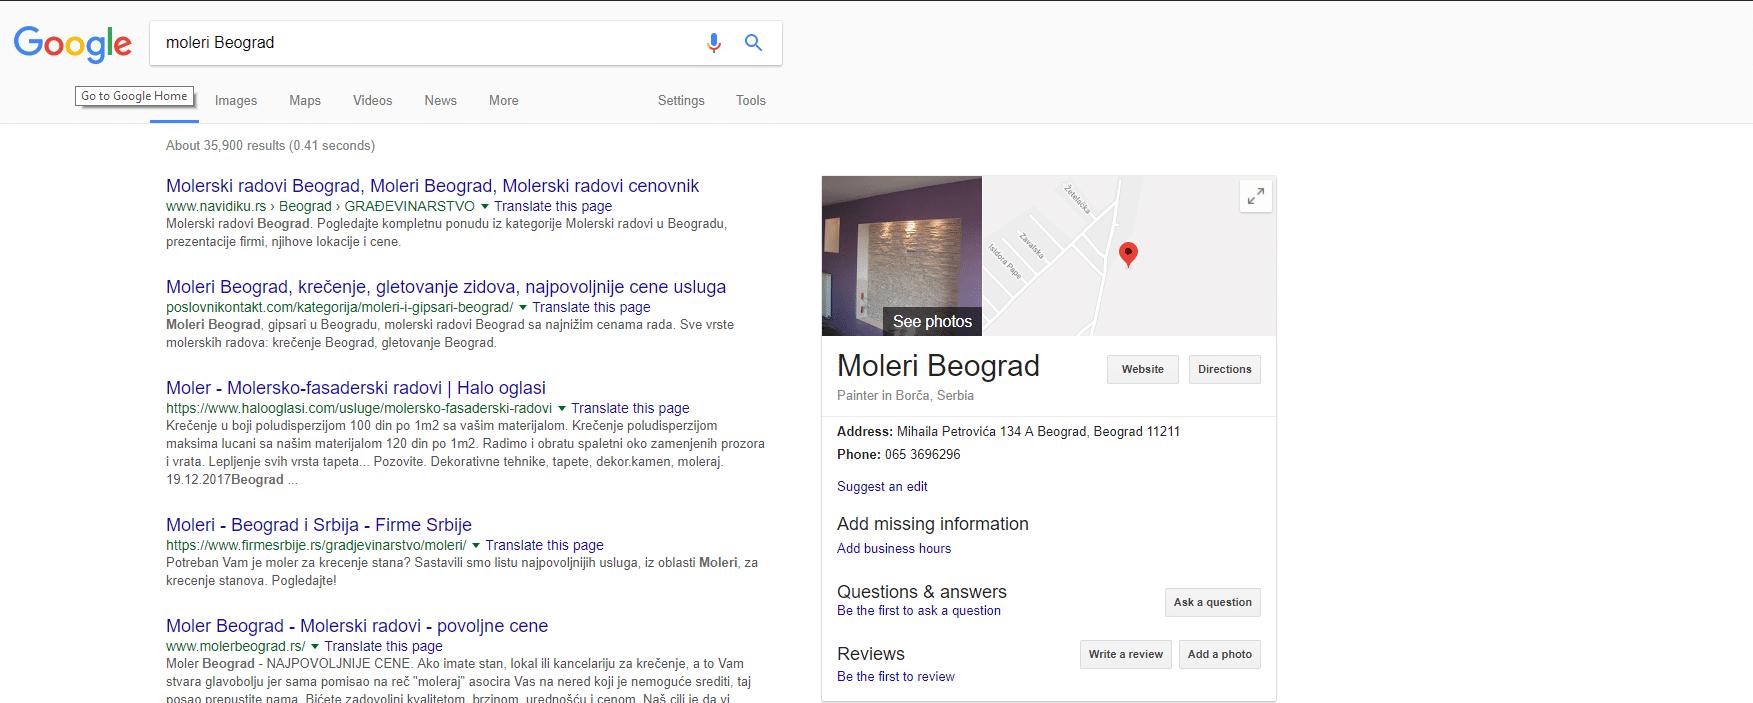 Olgasi Molerske radove